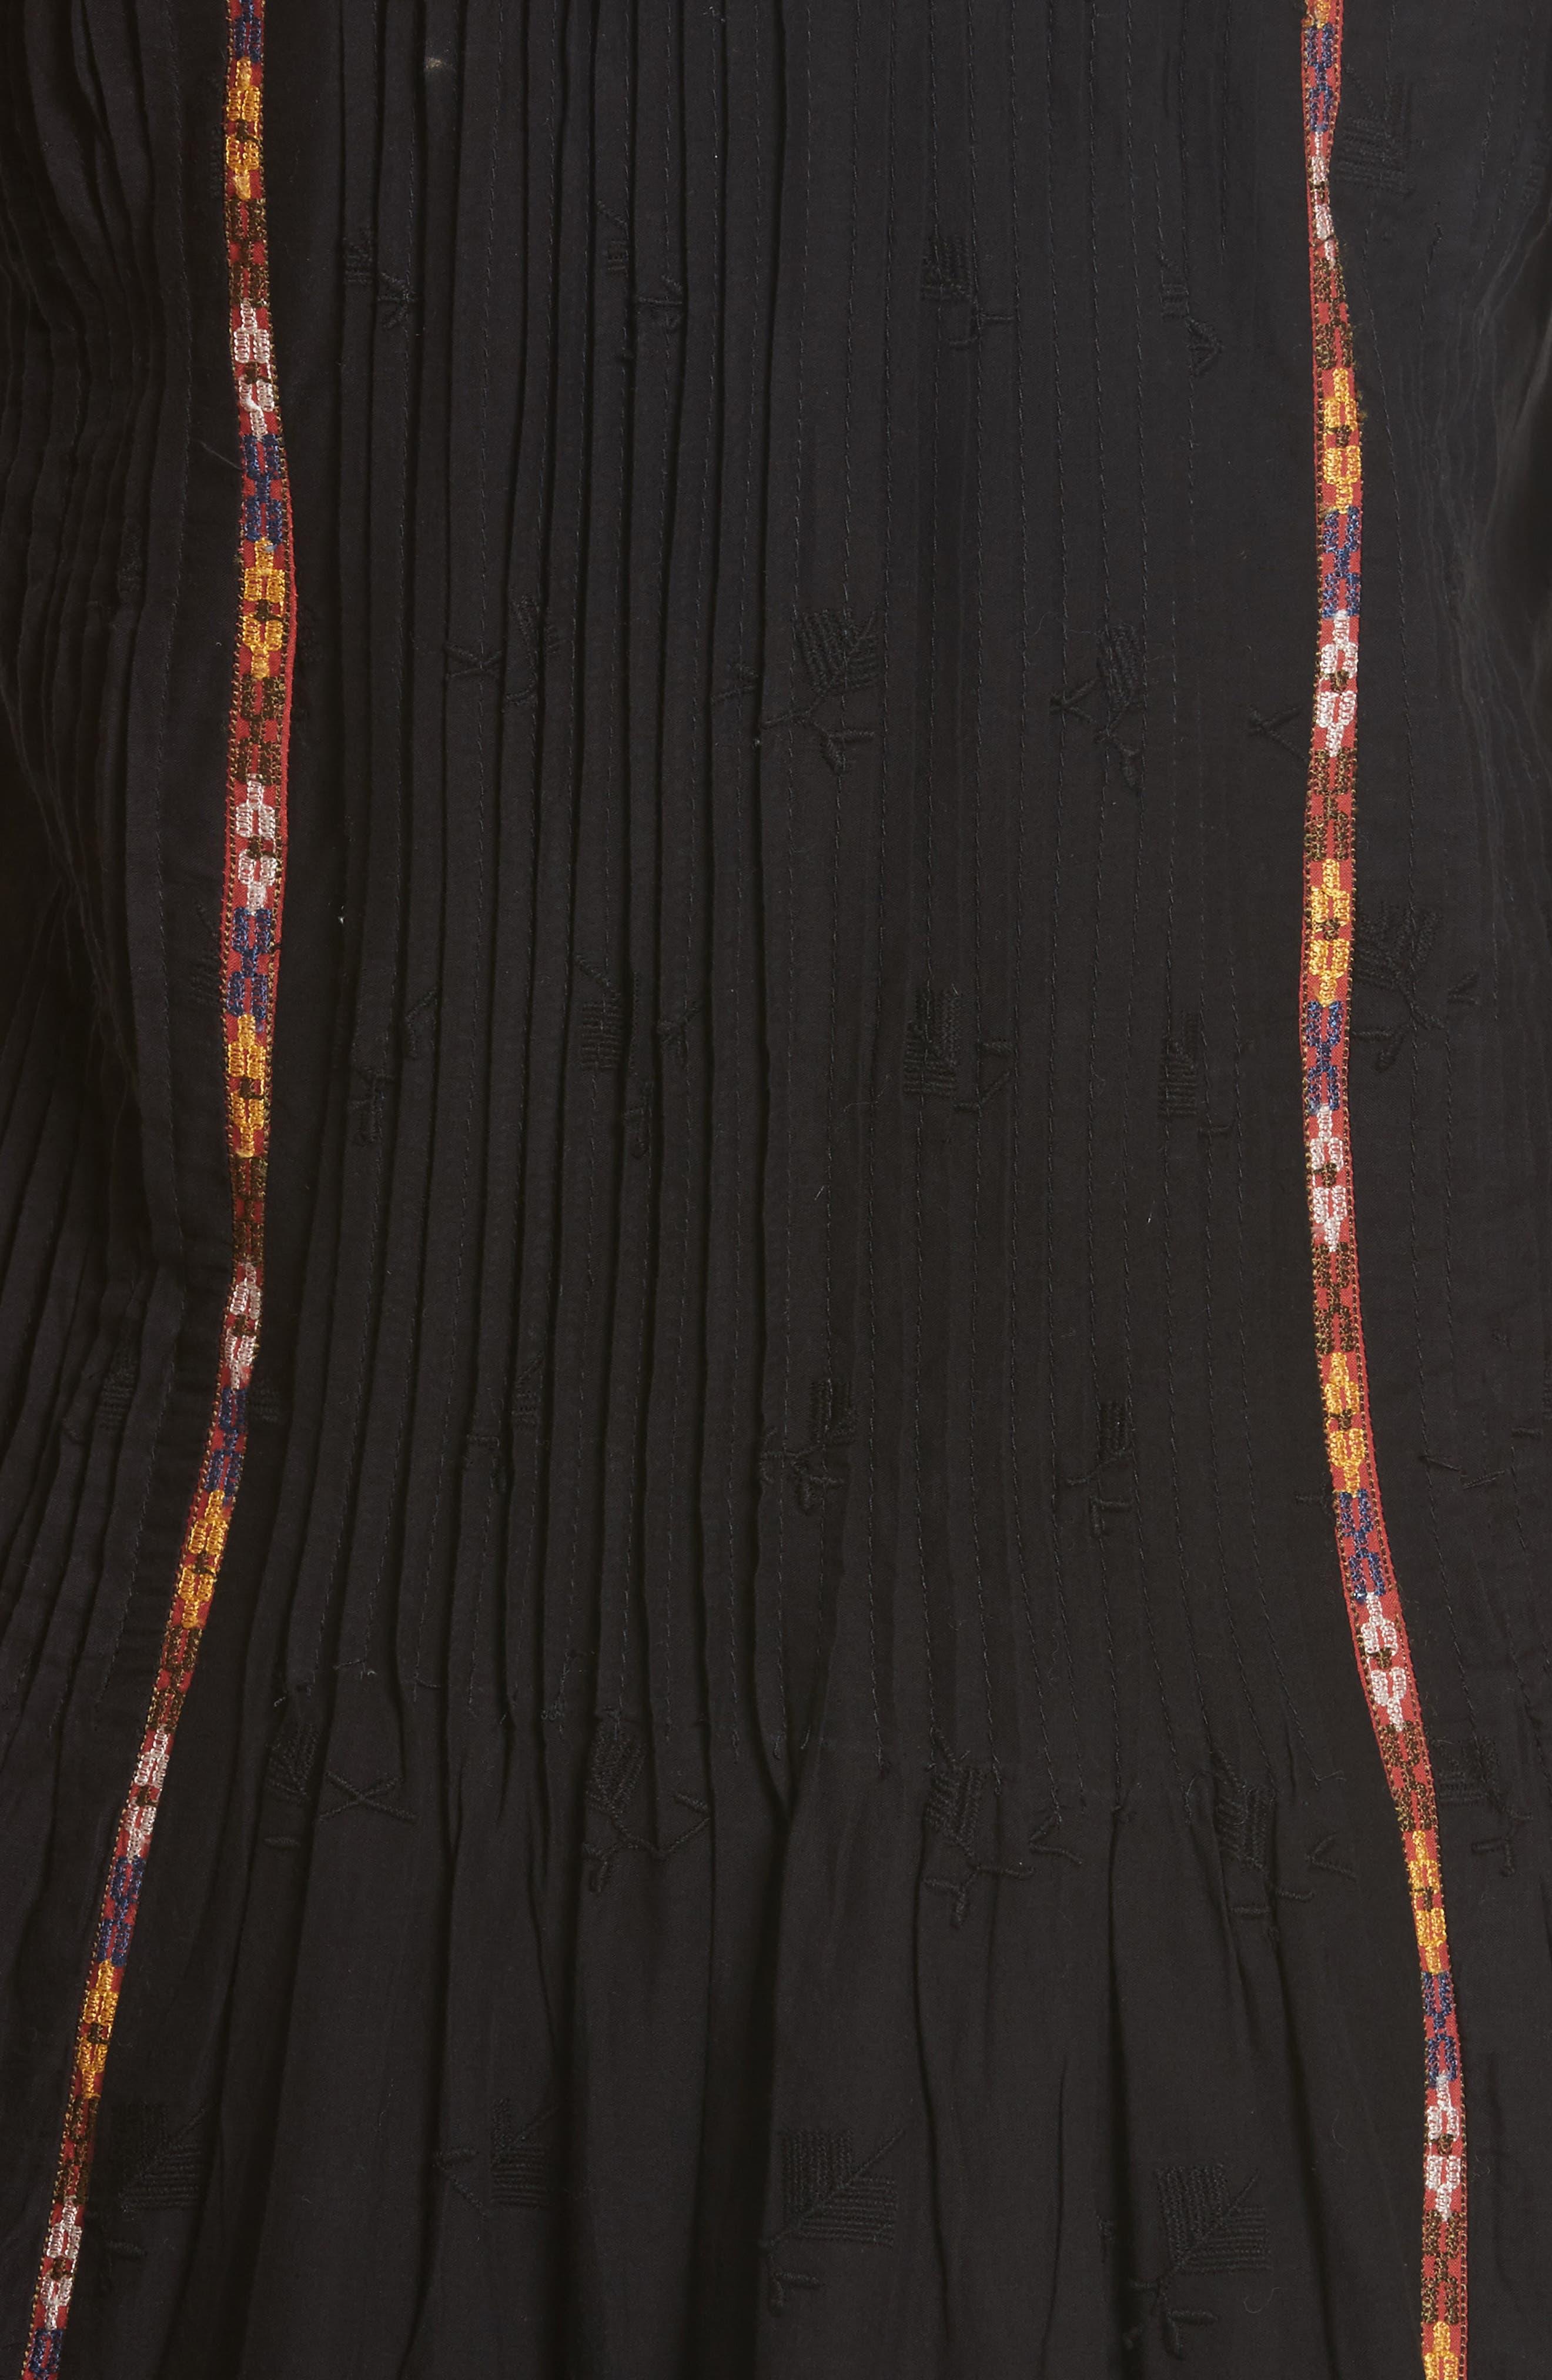 Horlane Embroidered Slipdress,                             Alternate thumbnail 5, color,                             002